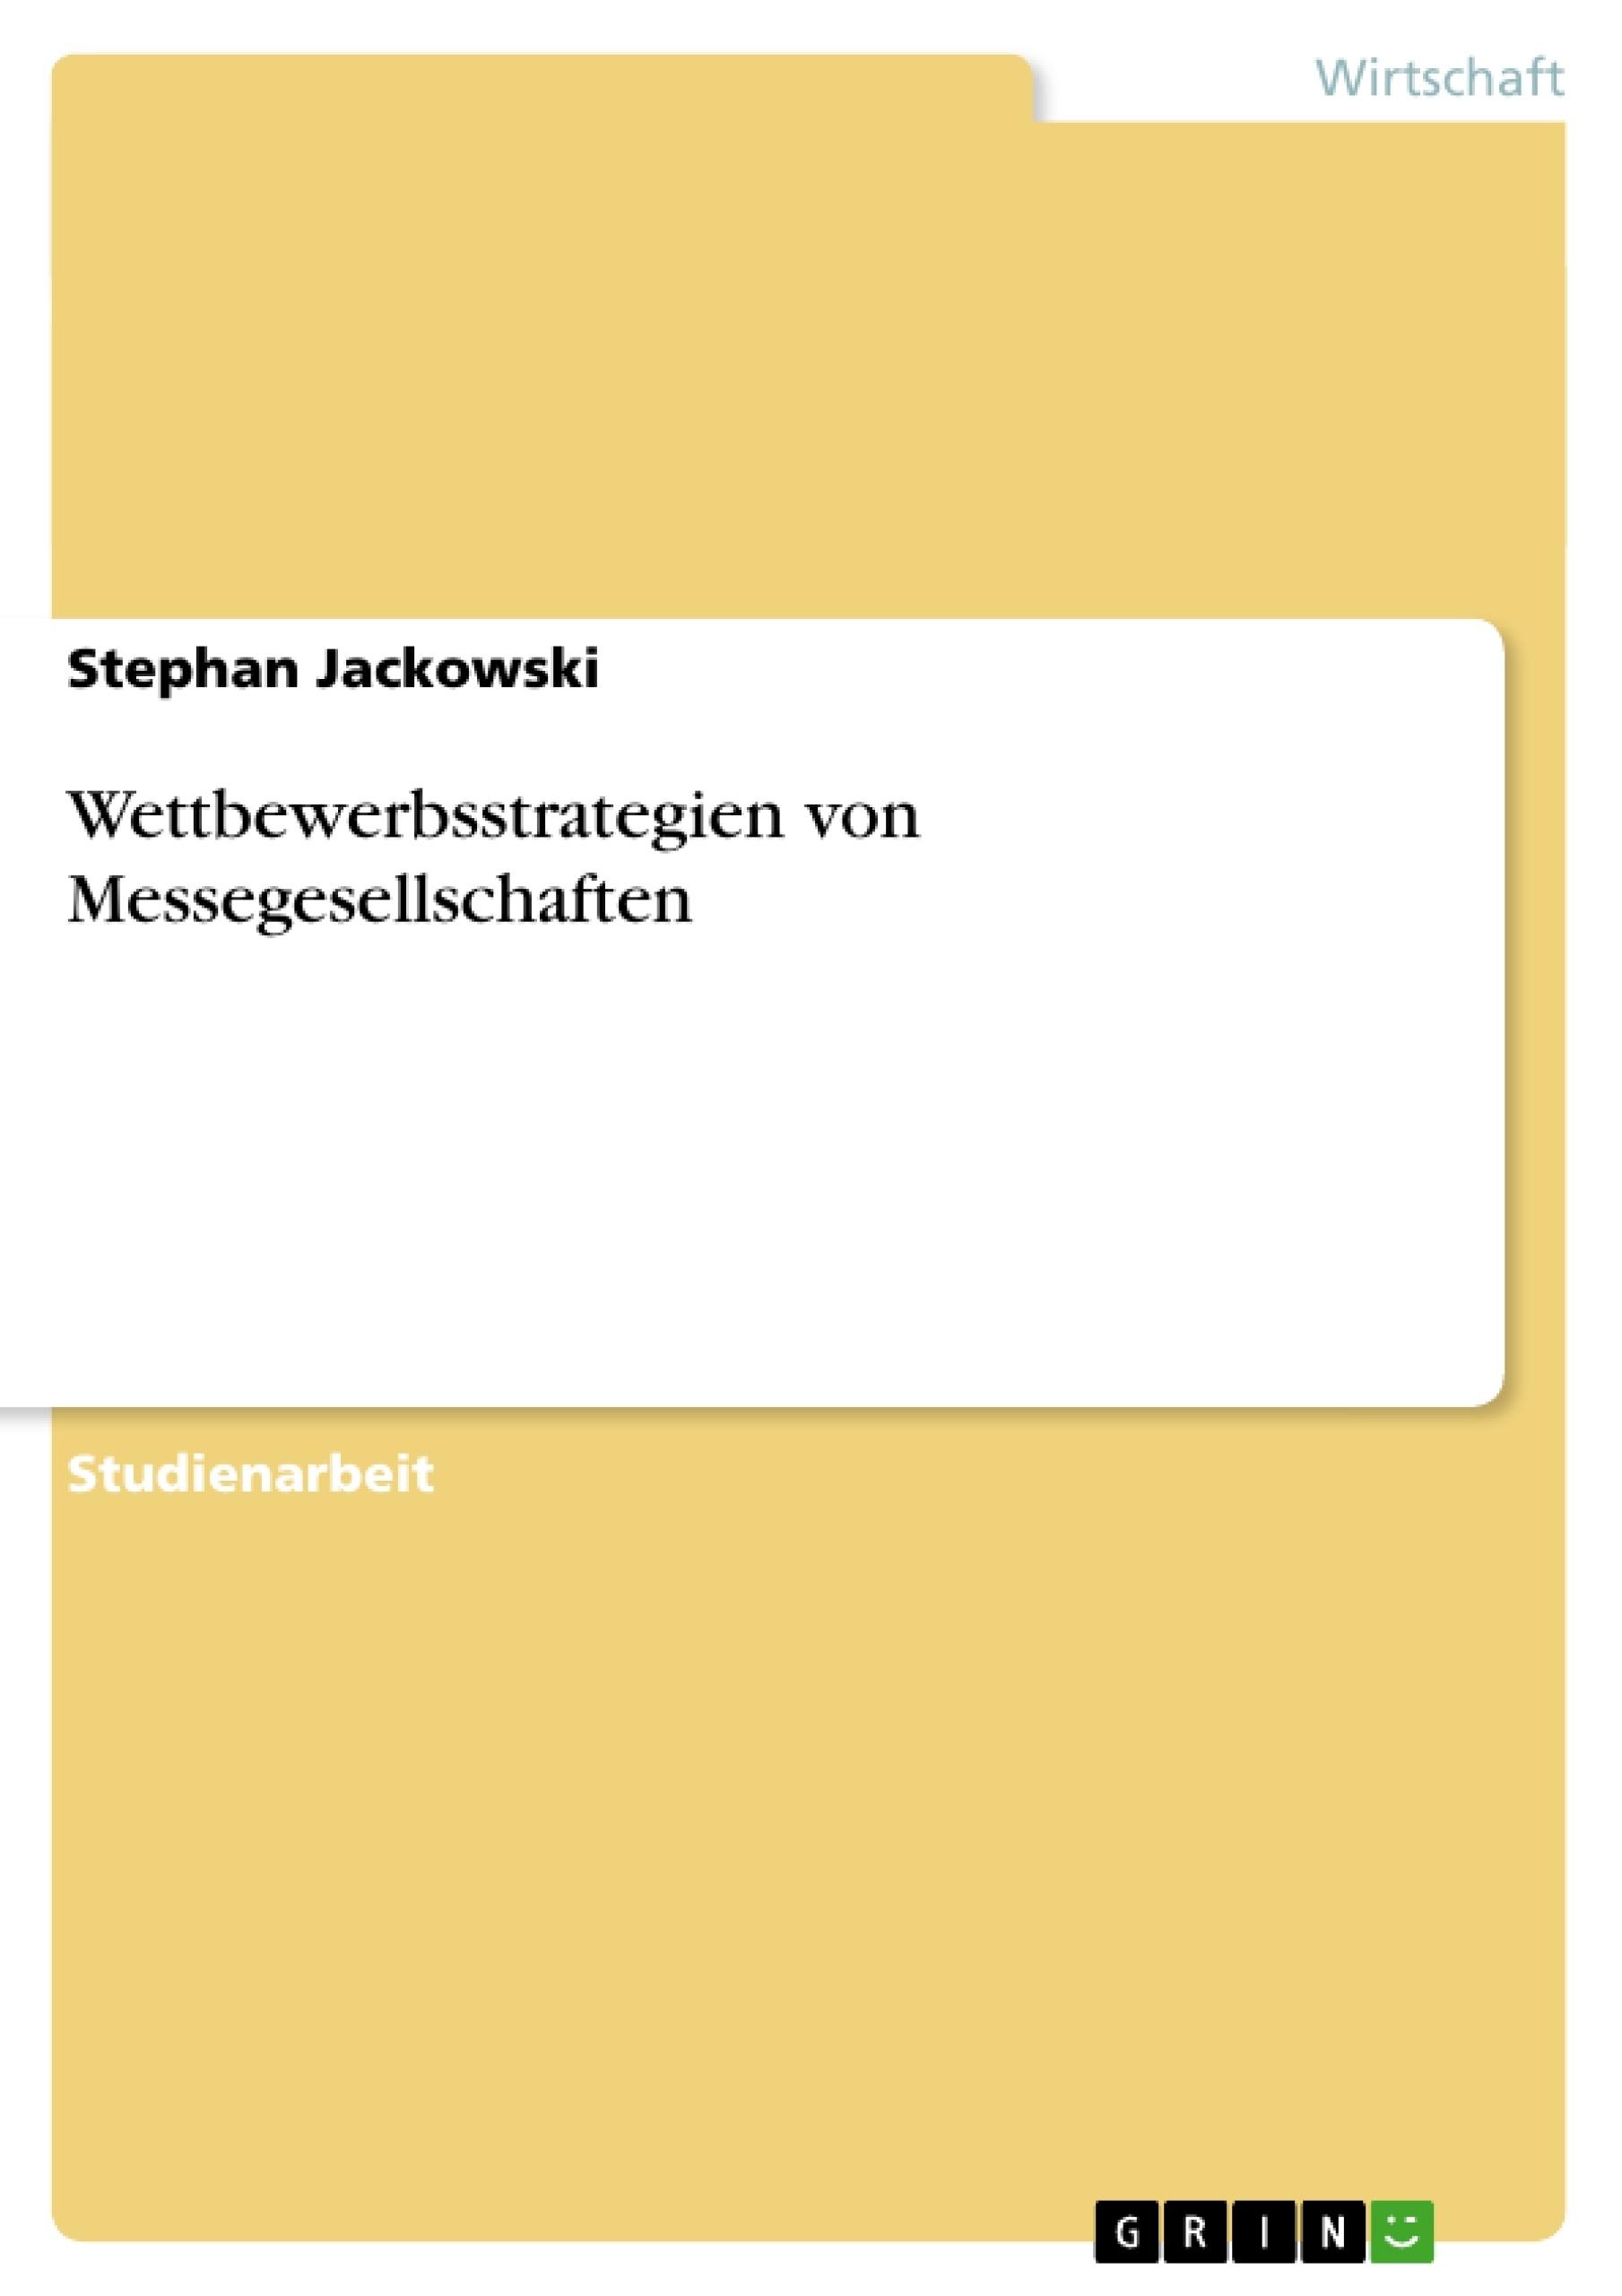 Titel: Wettbewerbsstrategien von Messegesellschaften